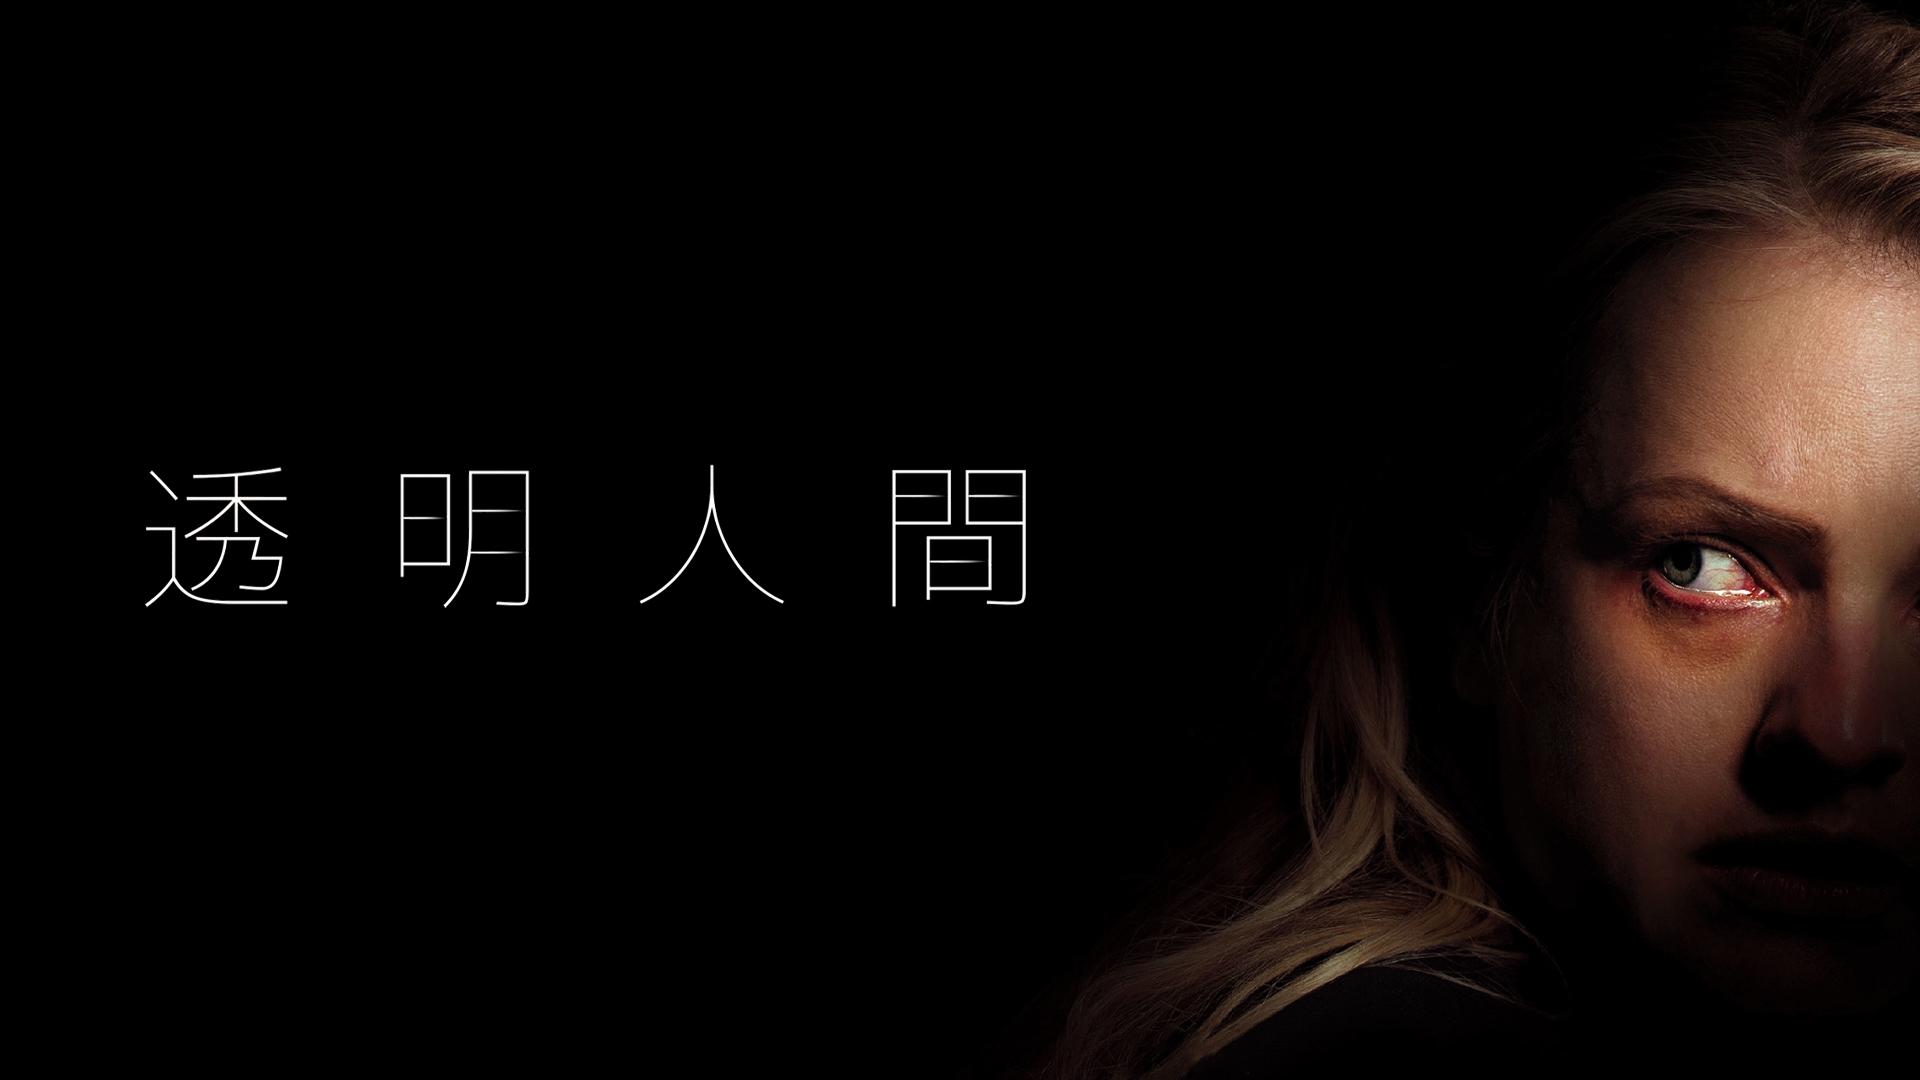 透明人間 (字幕版)